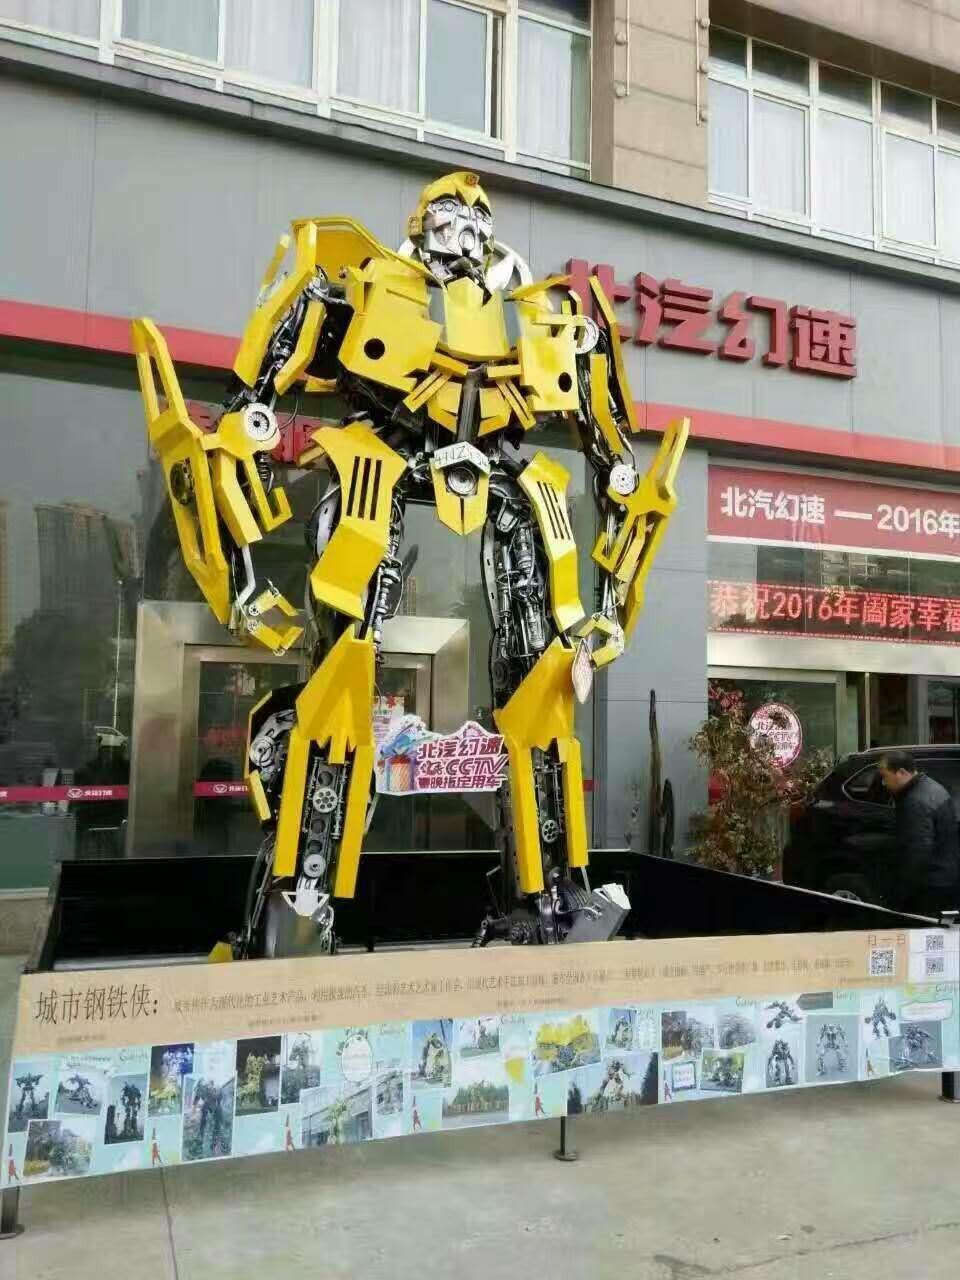 岳陽市變形金剛機器人